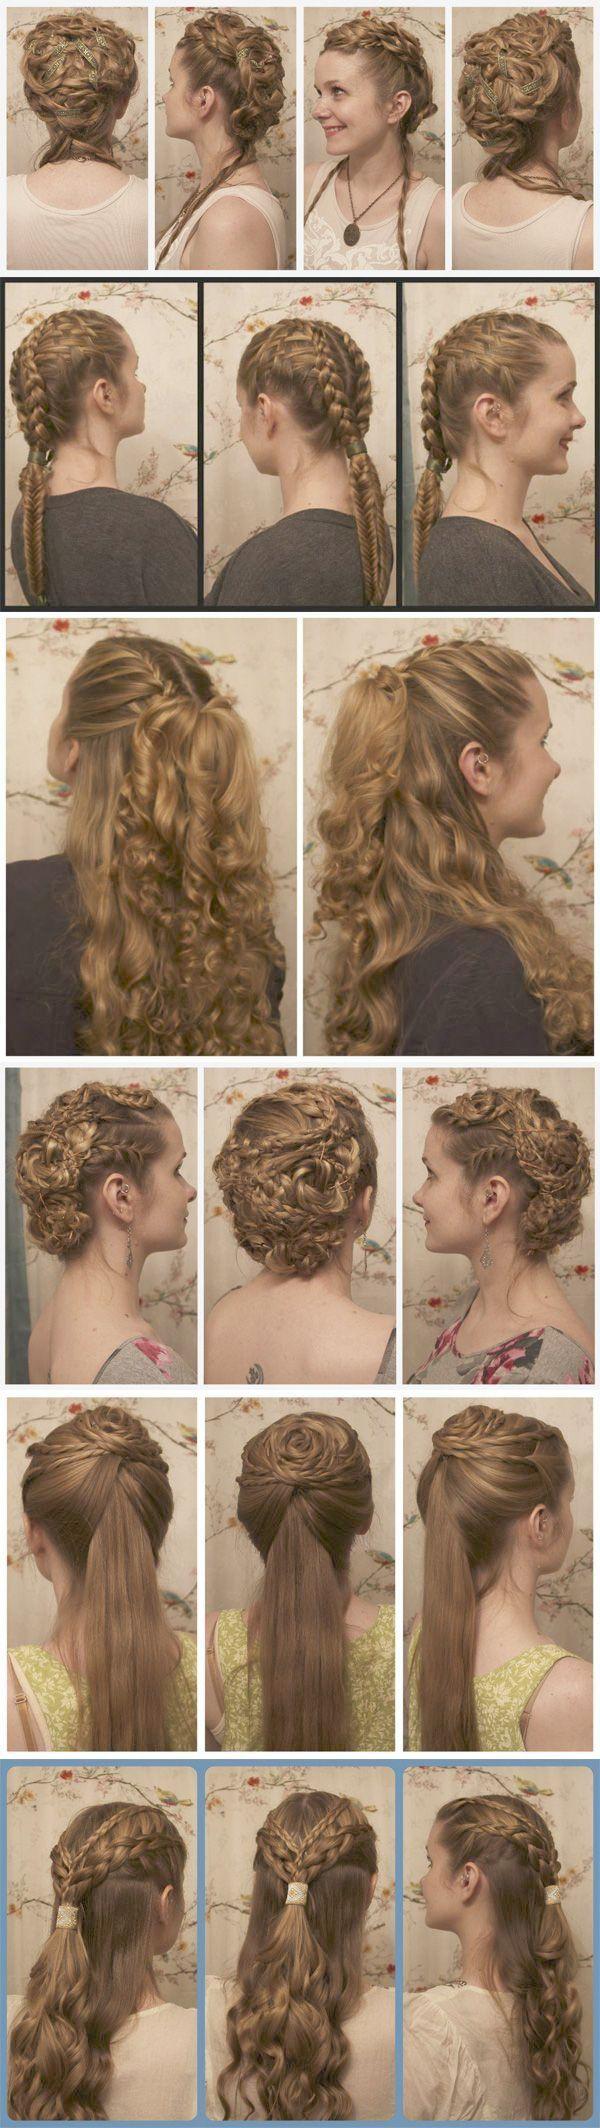 Hair Extensions Human Hair after Natural Hair Braids For Ladies beneath African Hair Braids Near Me beyond Hair Braids Styles Names nor Haircut Near M...